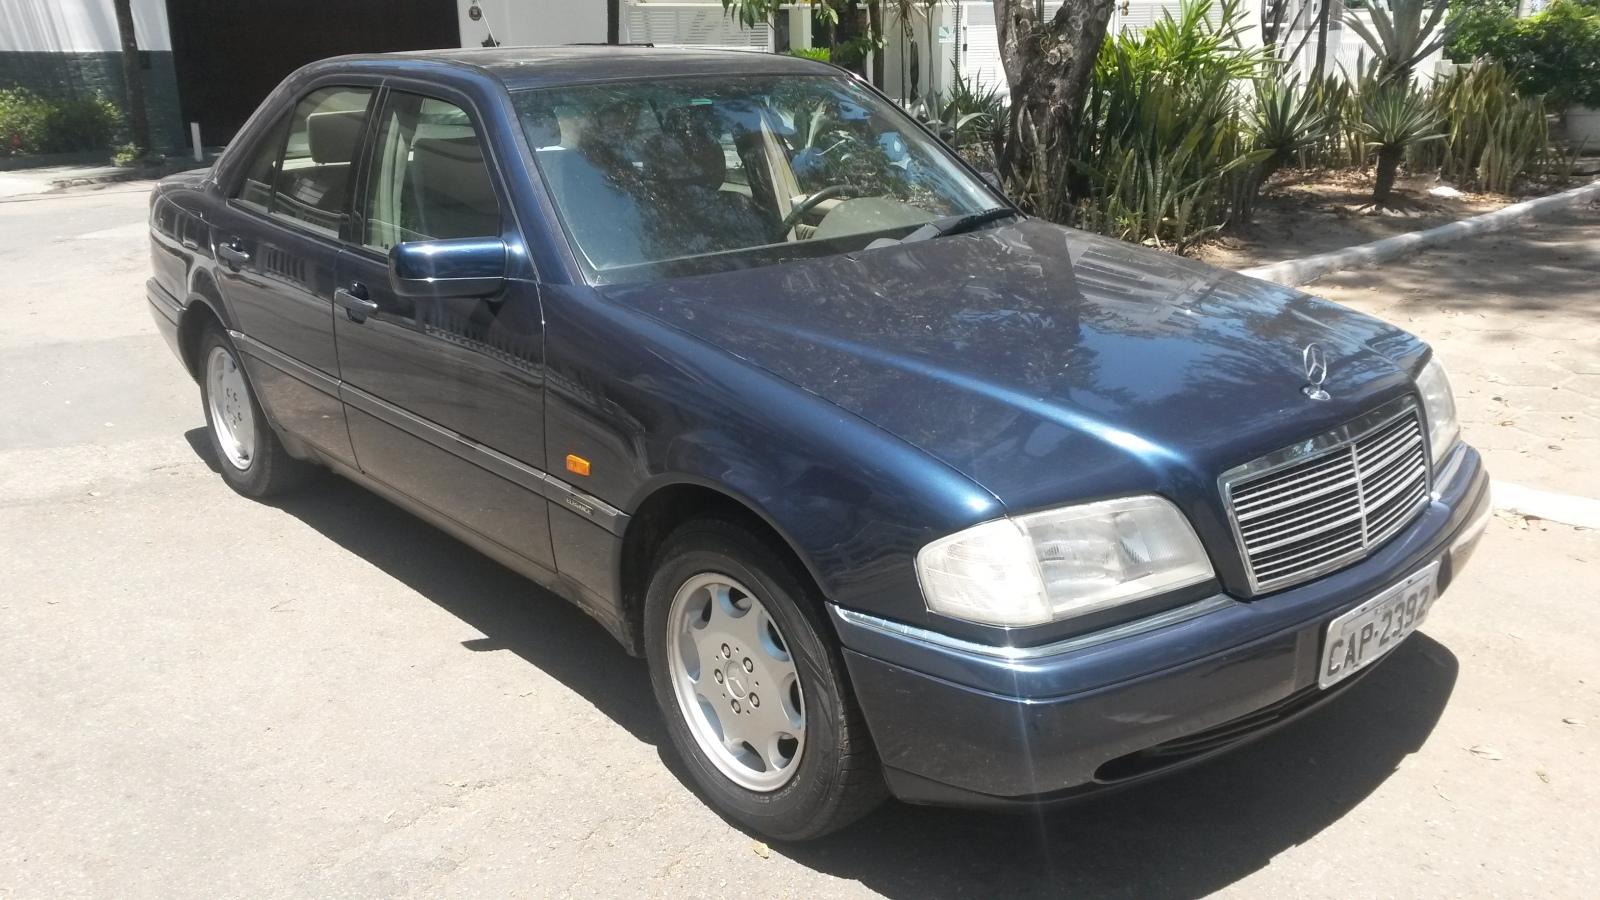 W202 C280 Elegance Plus 1995 - R$24.000,00 - VENDIDO V5dgs7